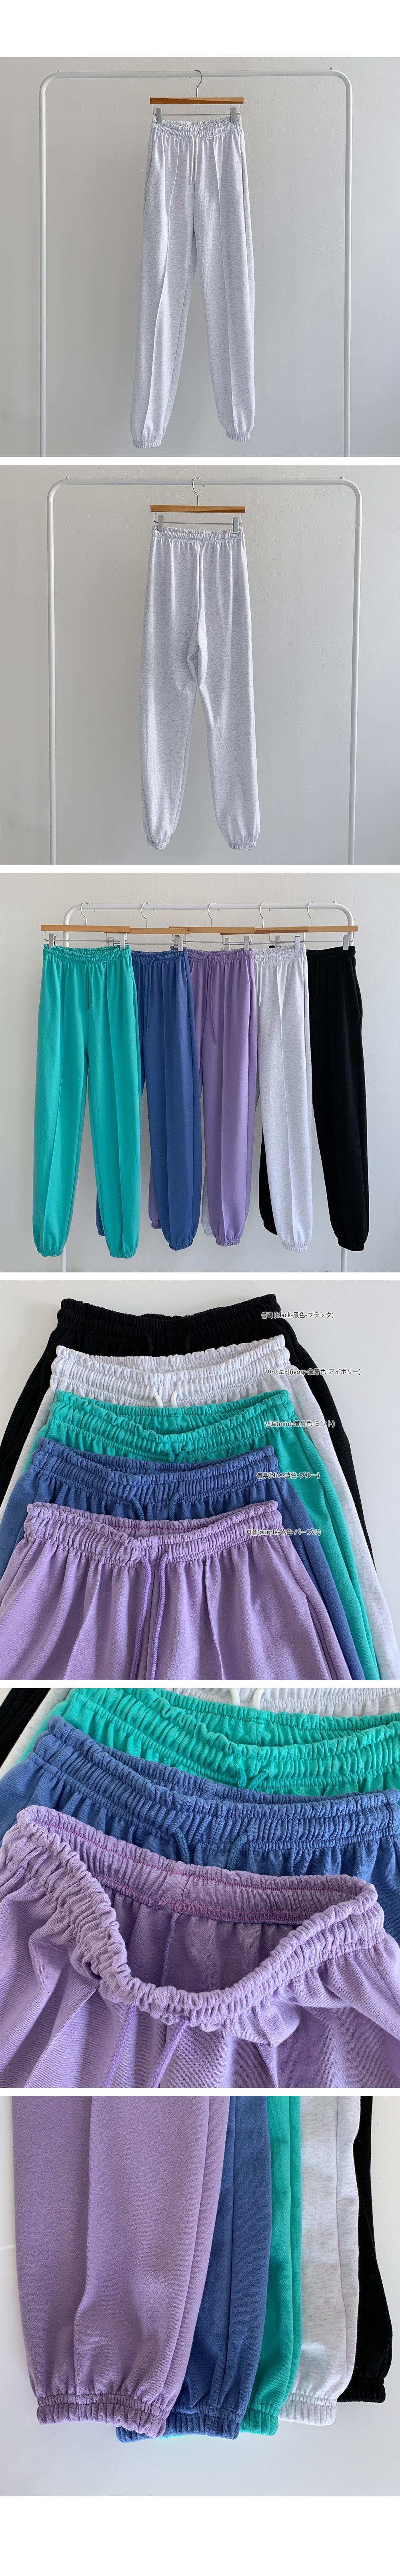 수영복/속옷 상품상세 이미지-S2L7